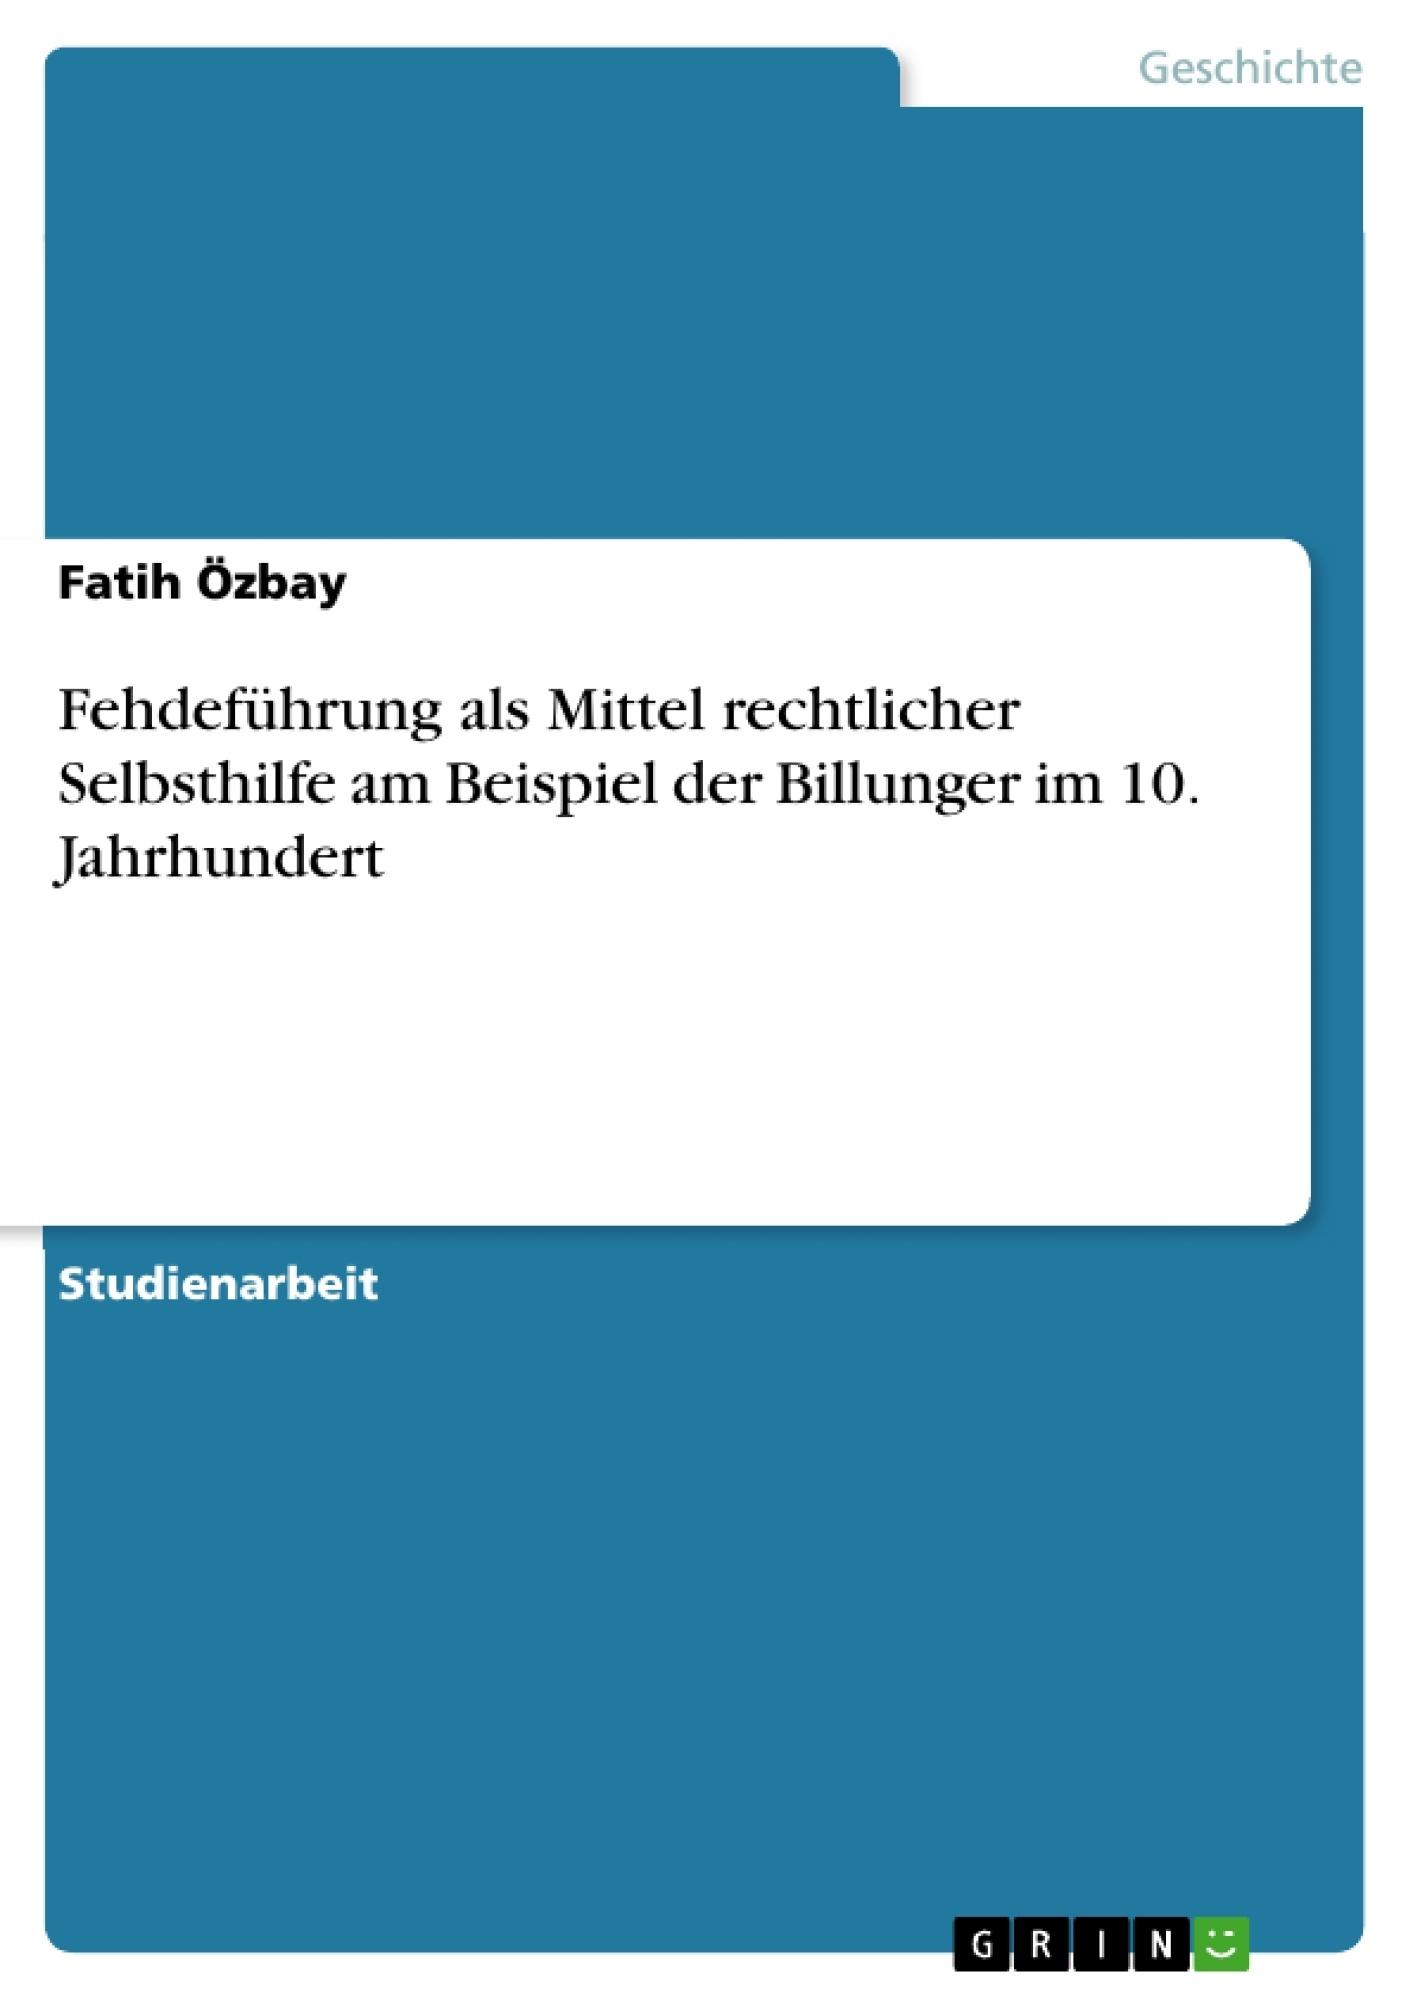 Titel: Fehdeführung als Mittel rechtlicher Selbsthilfe am Beispiel der Billunger im 10. Jahrhundert